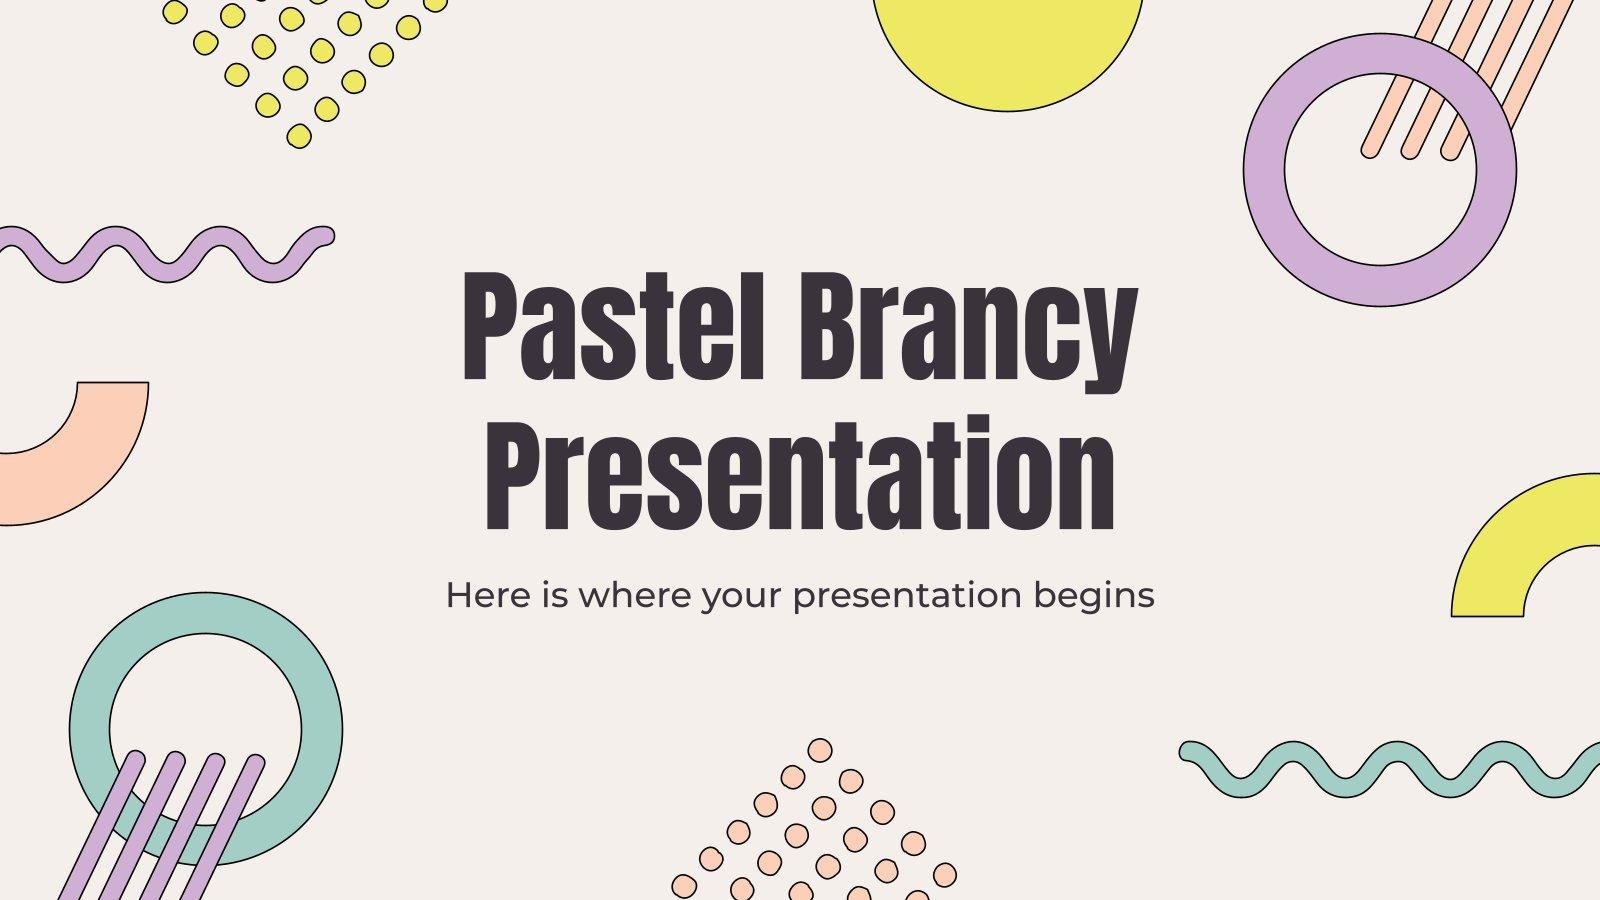 Plantilla de presentación Brancy con tonos pastel